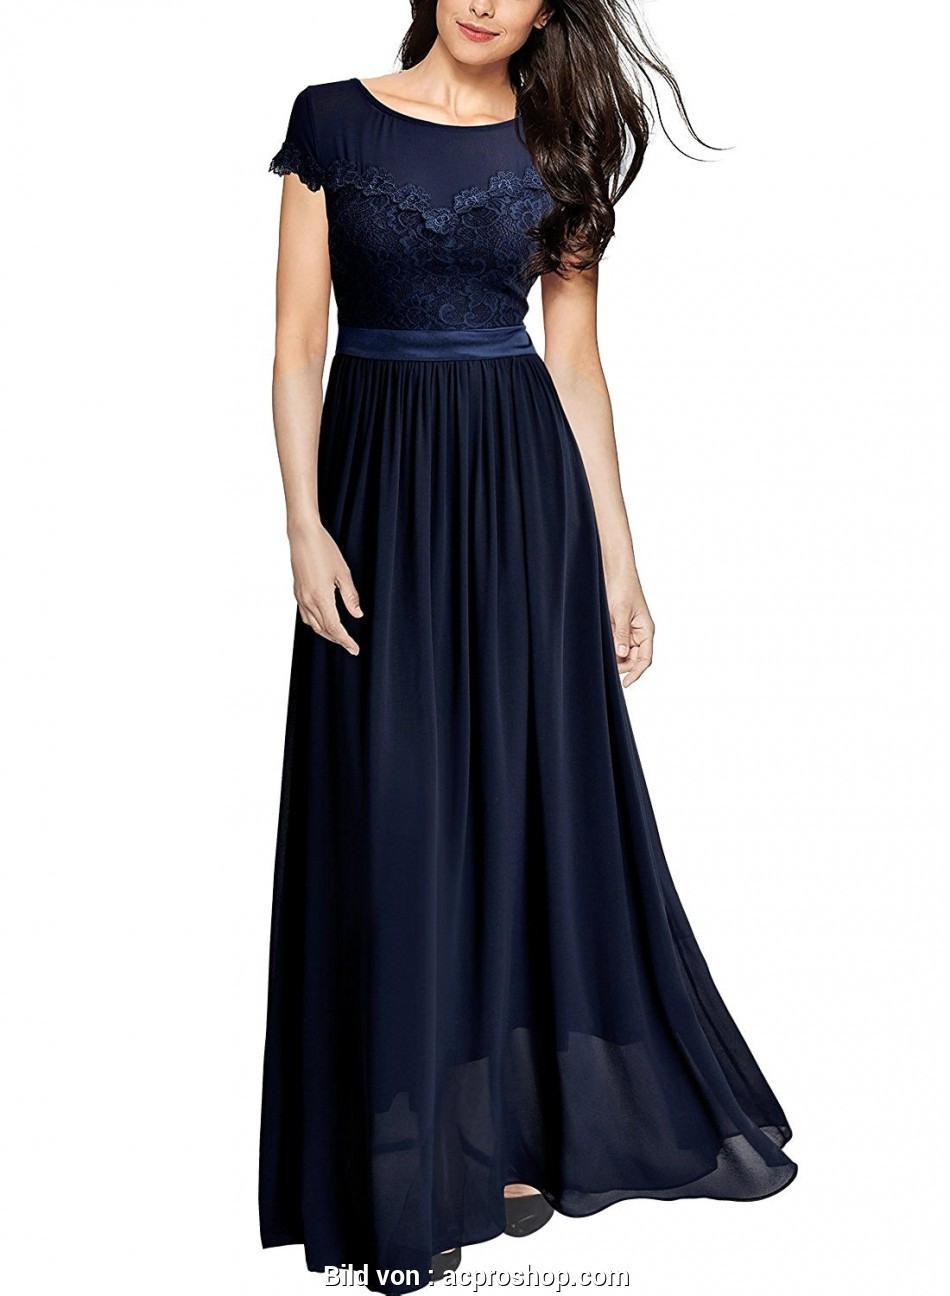 13 Ausgezeichnet Amazon Abend Kleid GalerieAbend Fantastisch Amazon Abend Kleid Ärmel